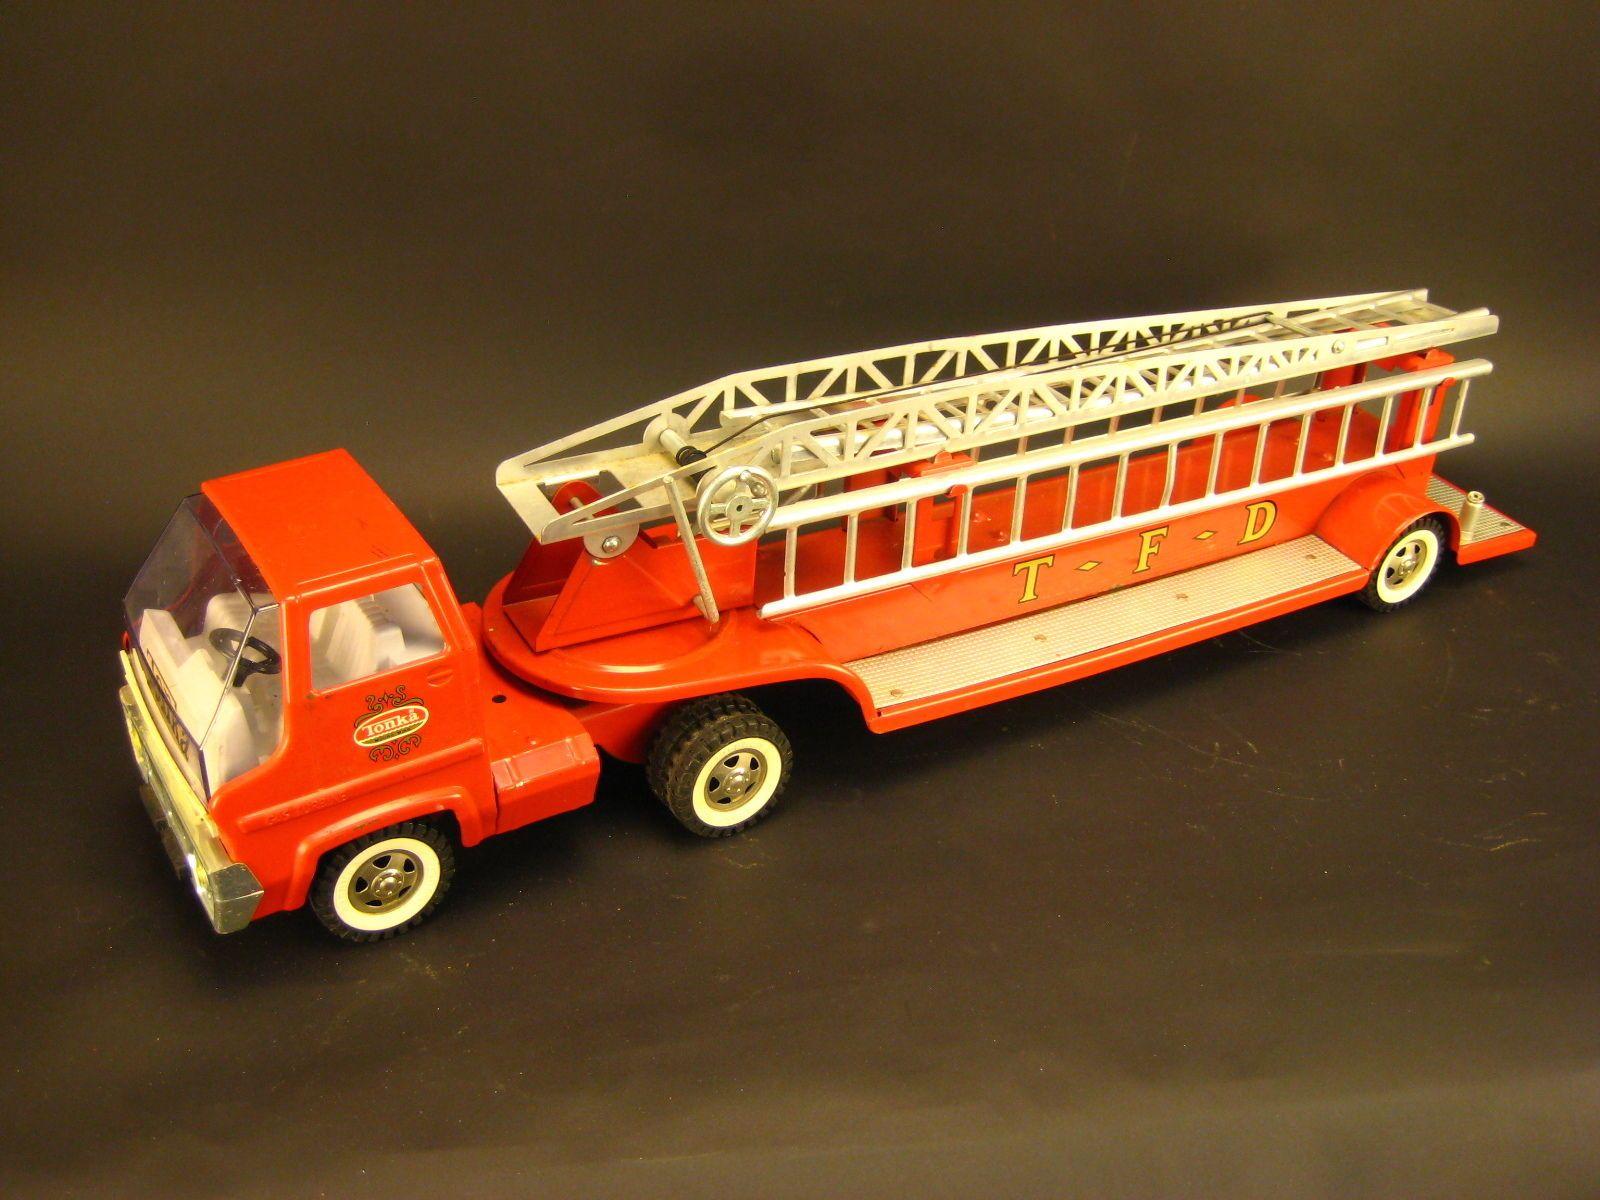 Tonka T F D Hook & Ladder Gas Turbine Fire Truck